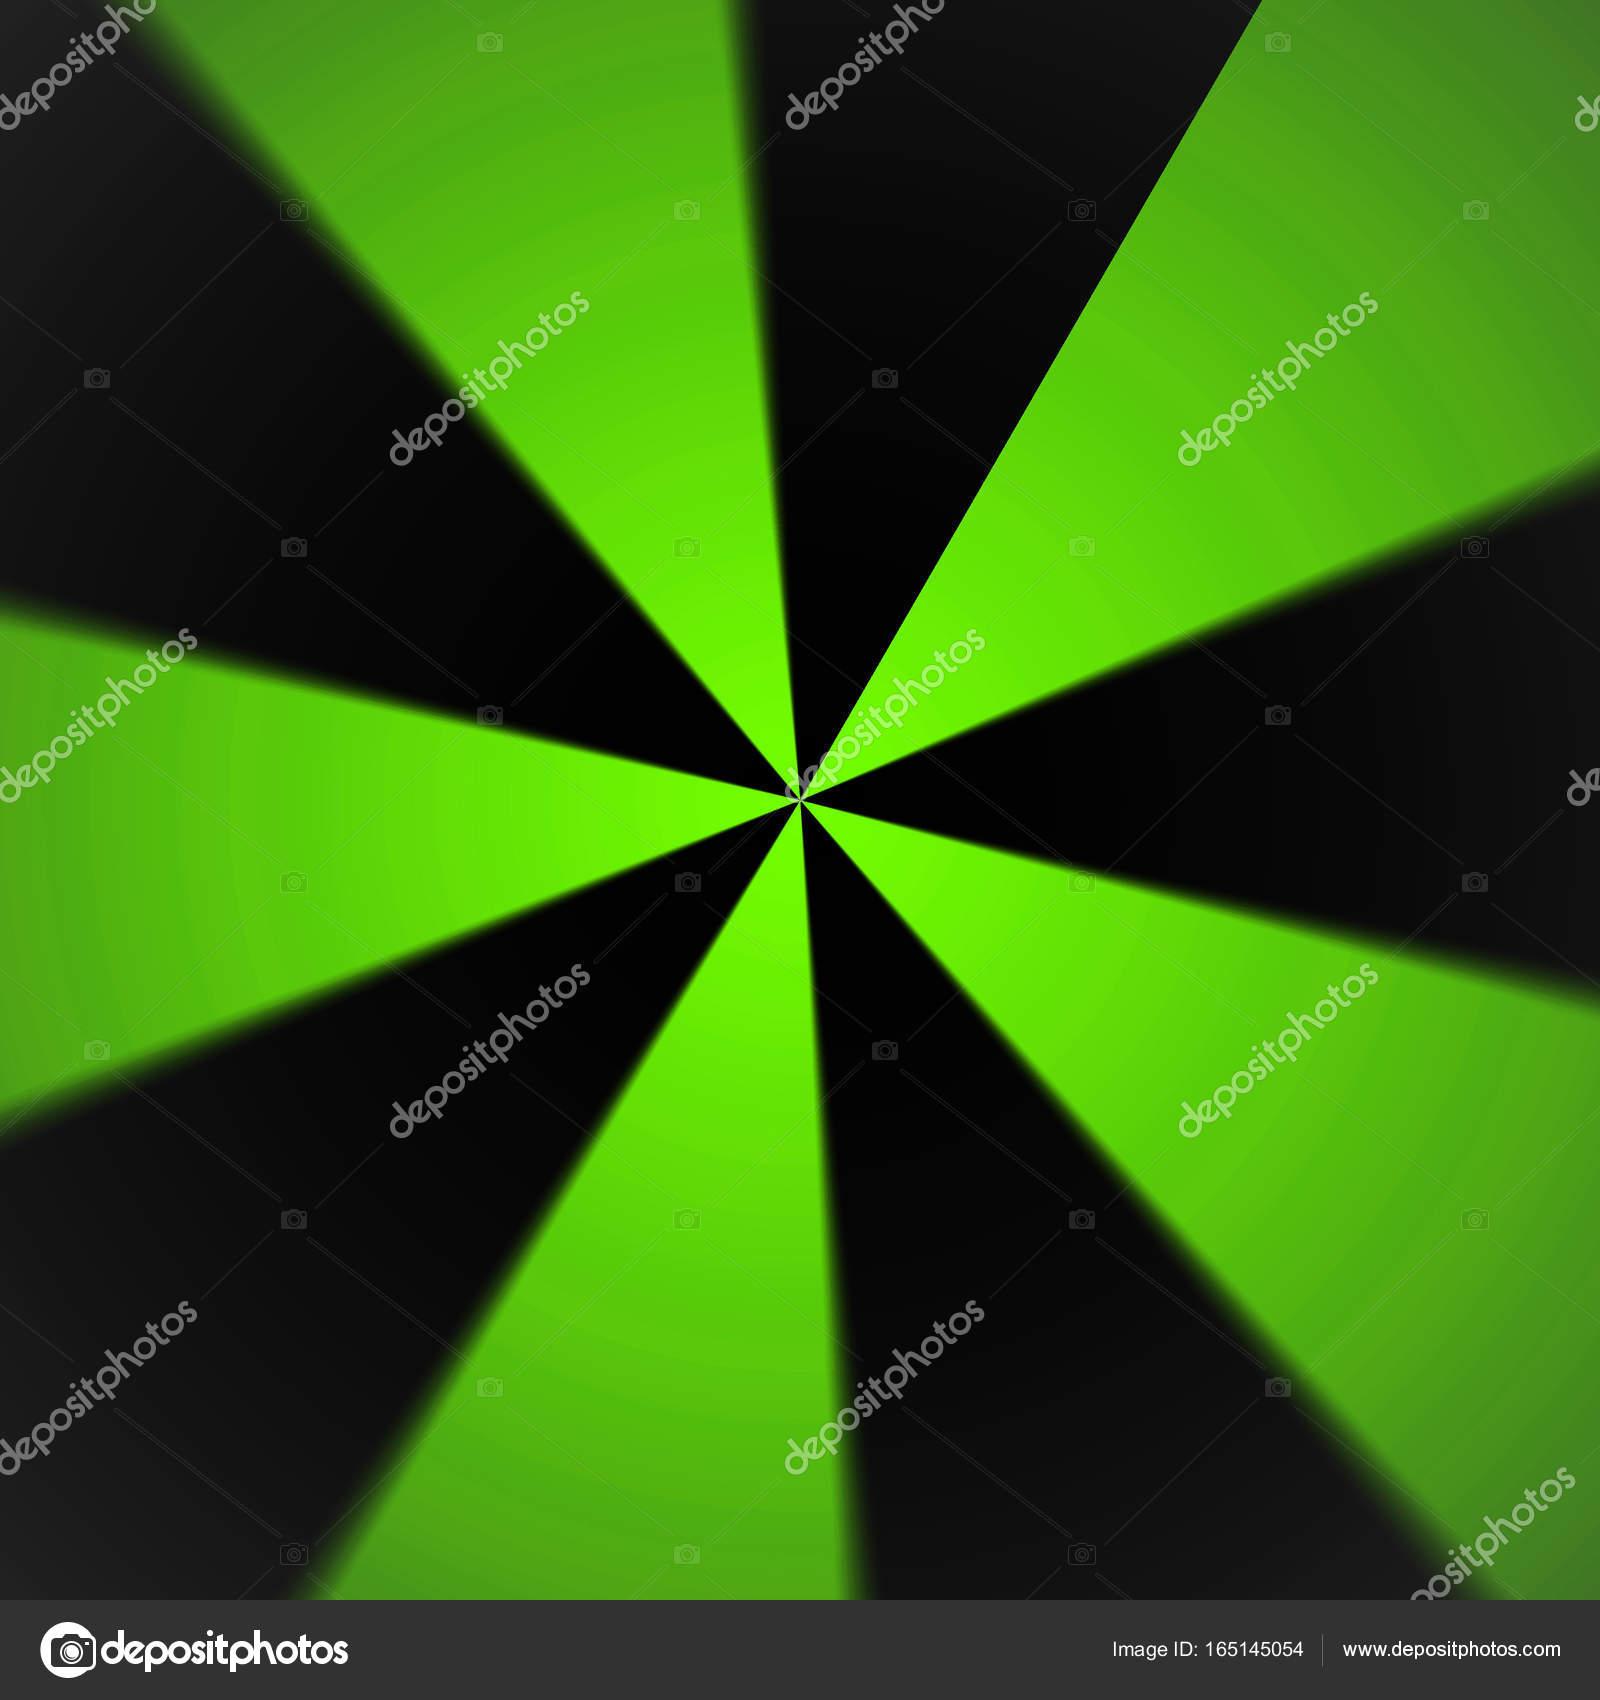 Sfondo Astratto Verde E Nero Modello Radiale Foto Stock